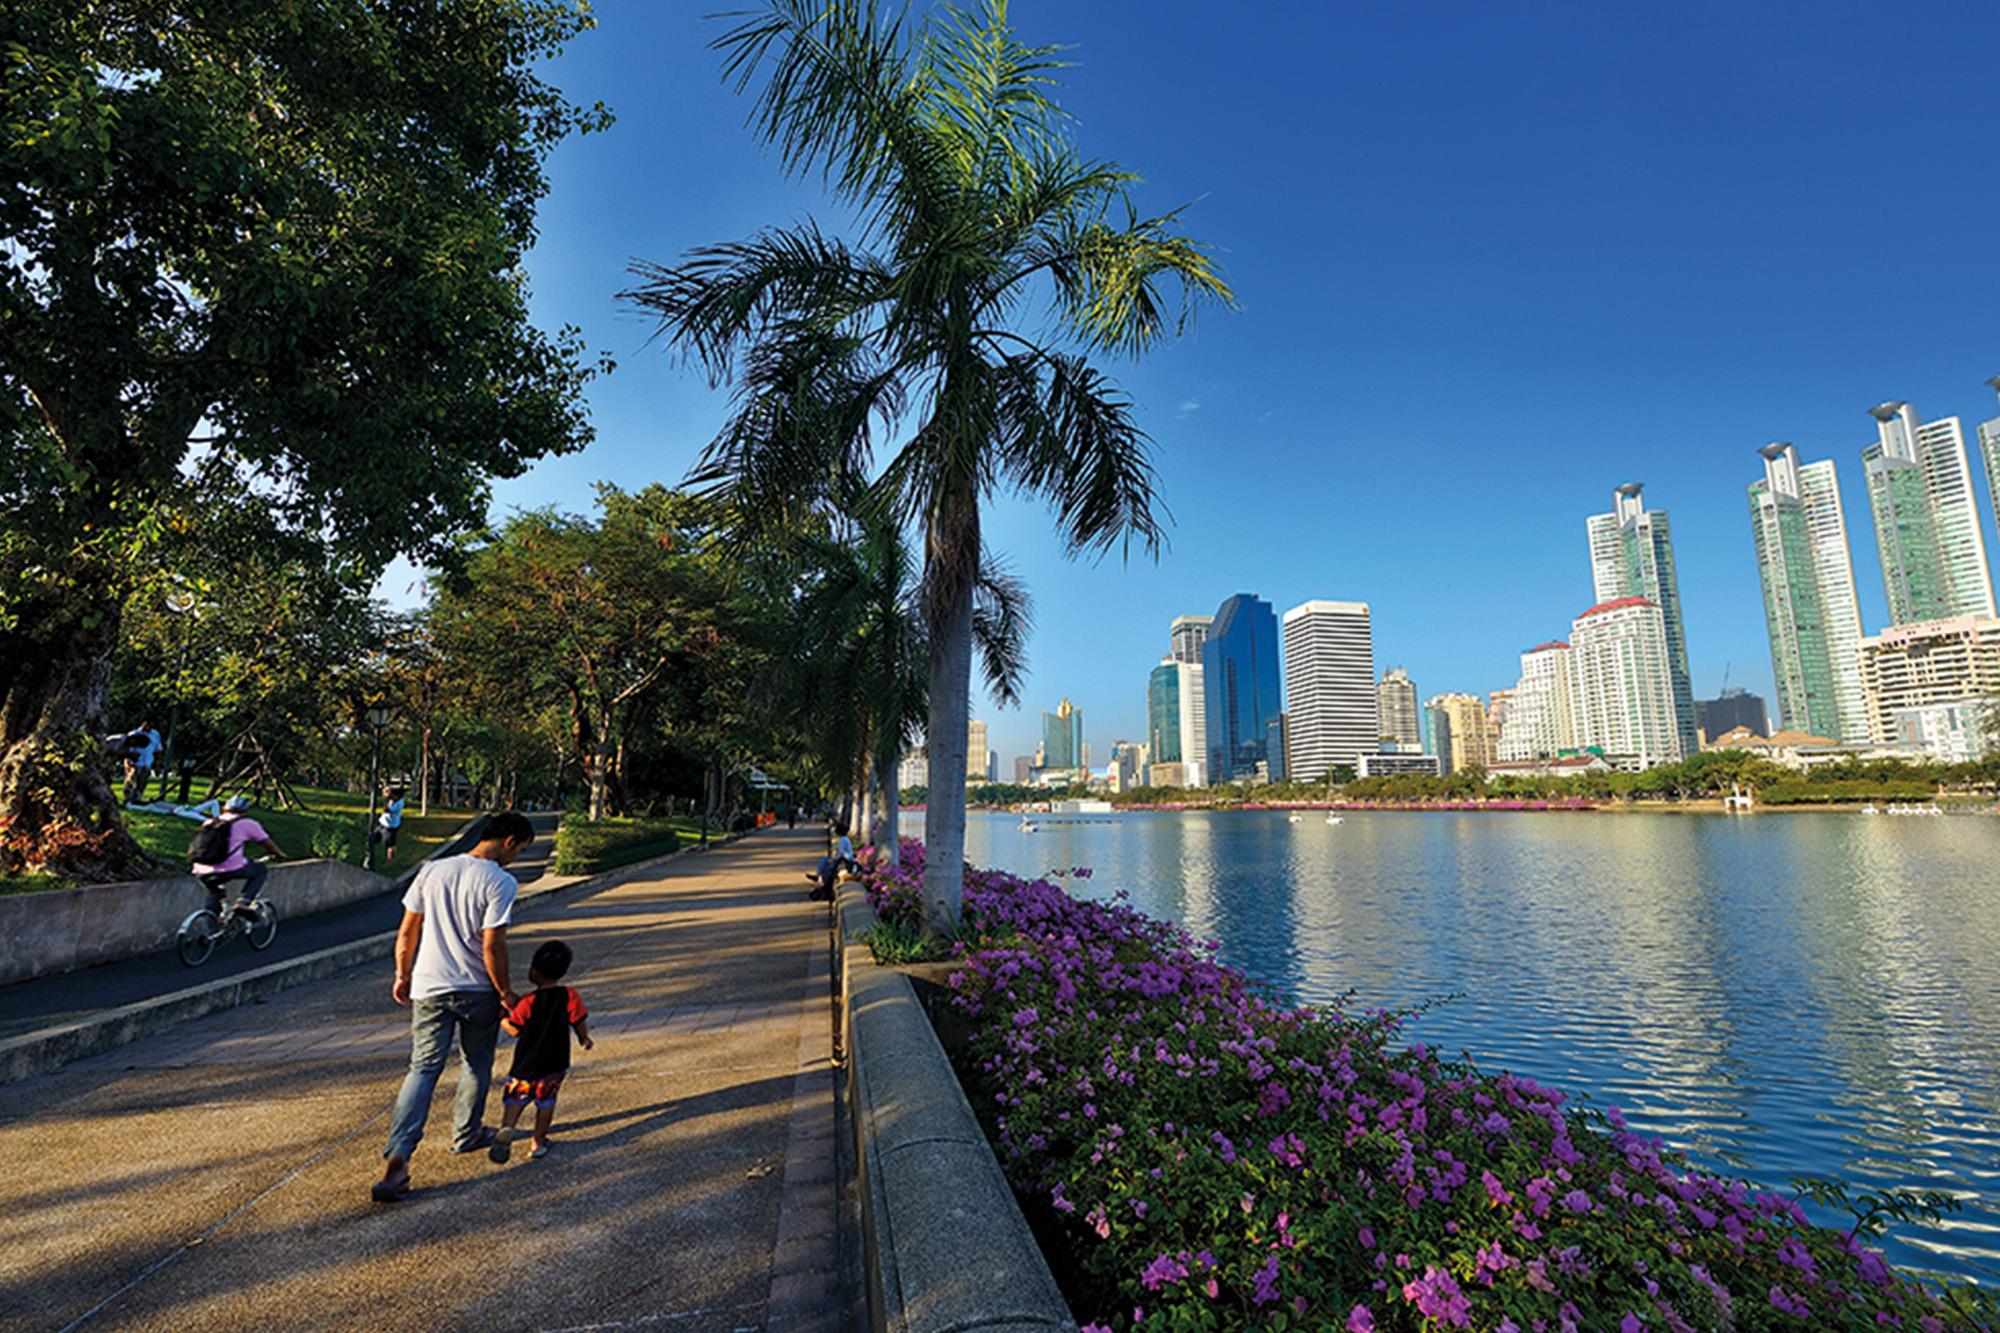 曼谷 水燈節 曼谷市區 公園 水燈節 公園 Benjakiti Park 班嘉奇蒂公園